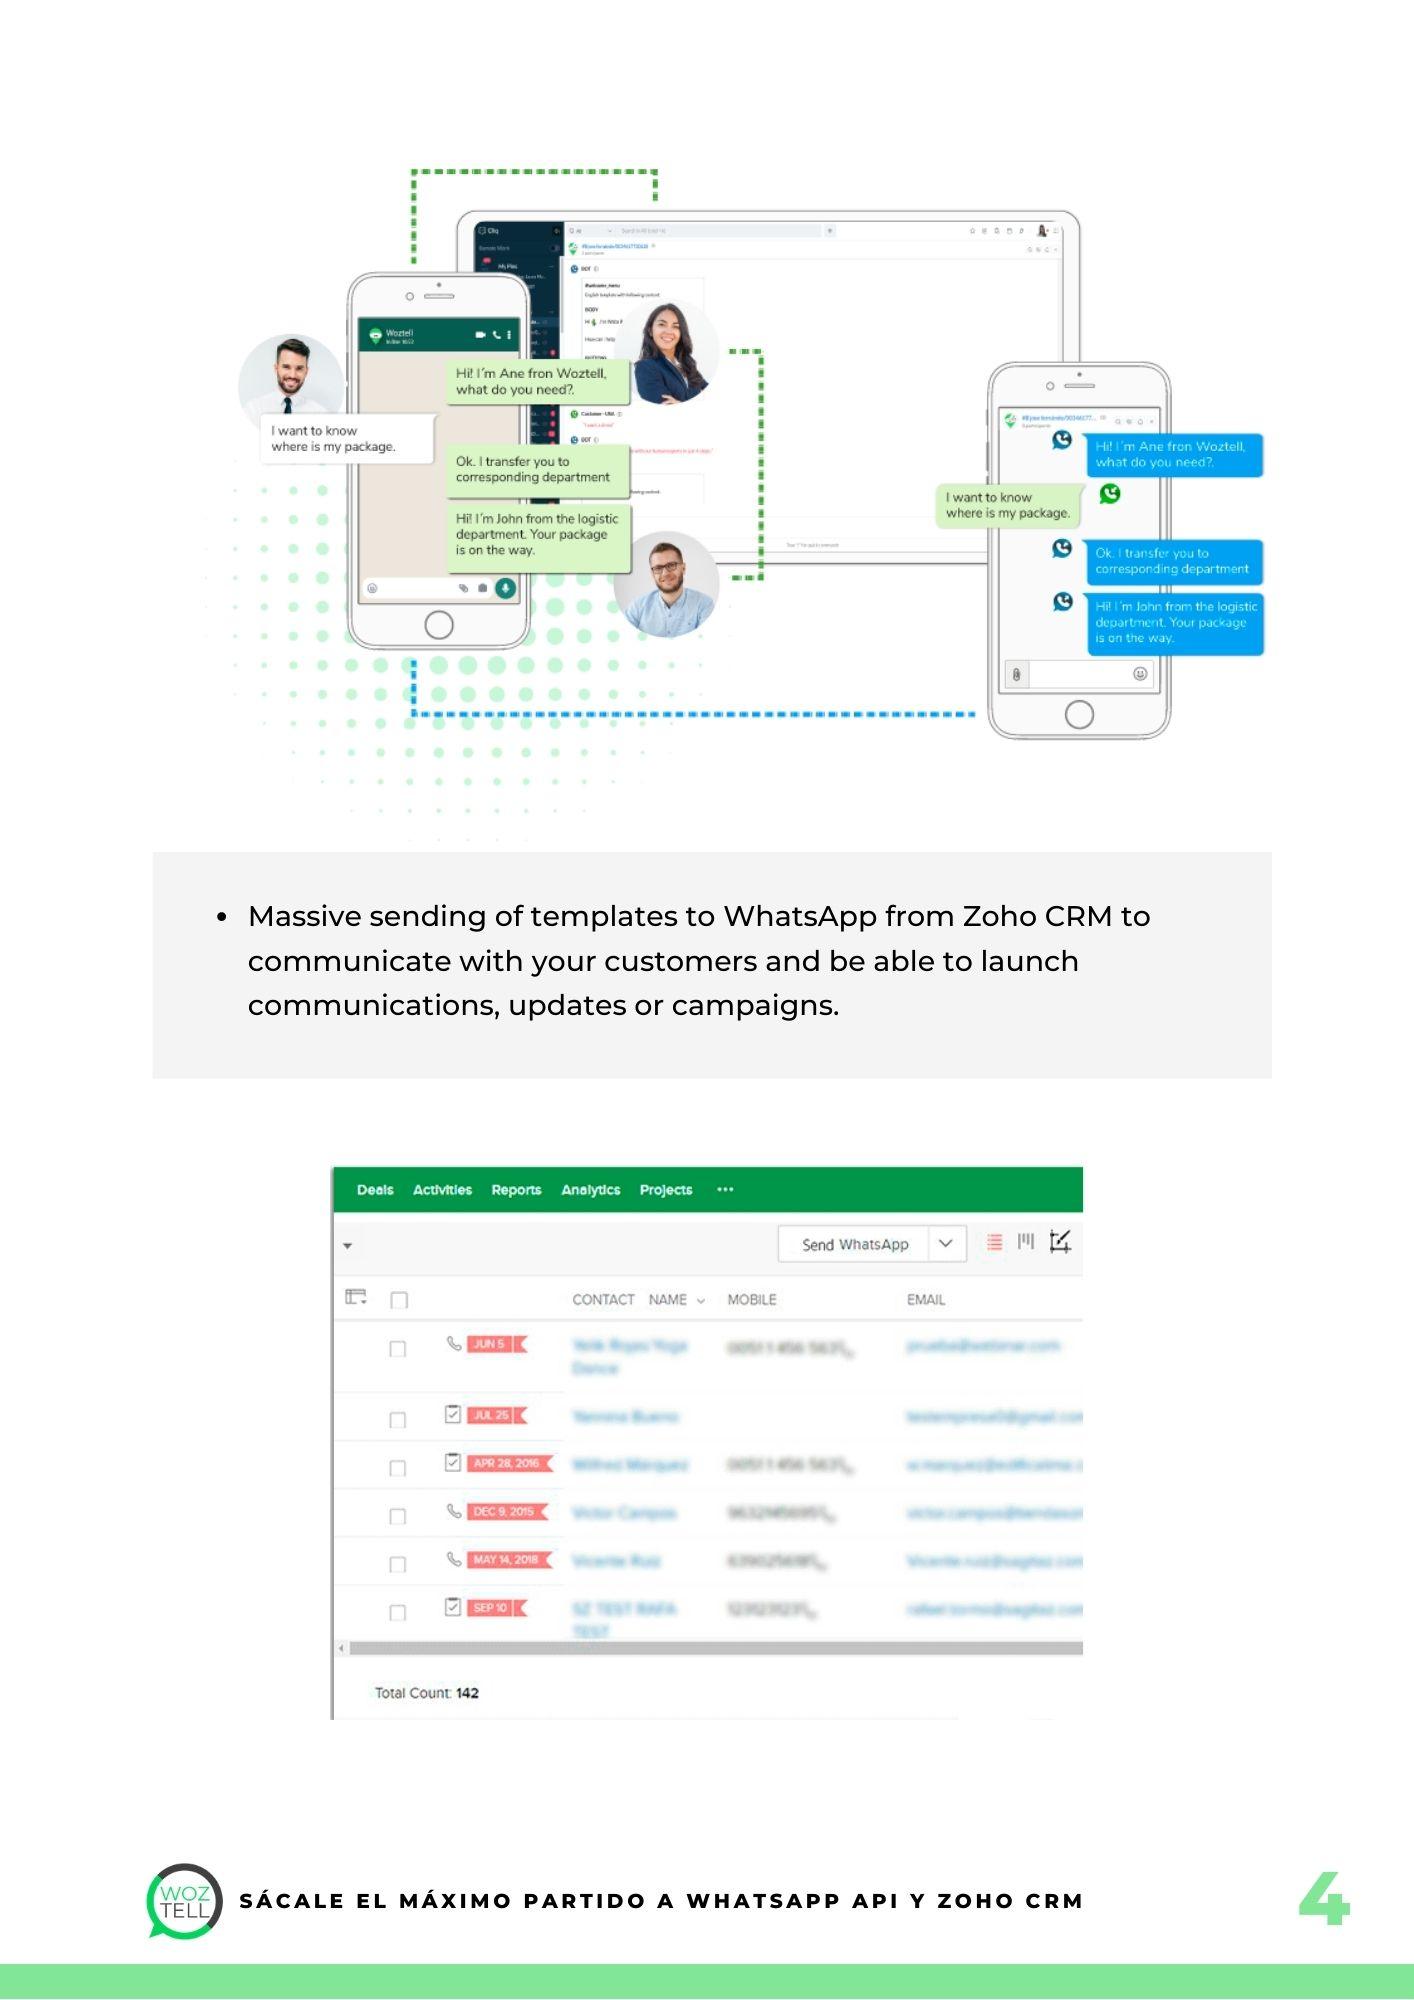 ES Sácale el máximo partido a WhatsApp API y Zoho CRM (3)